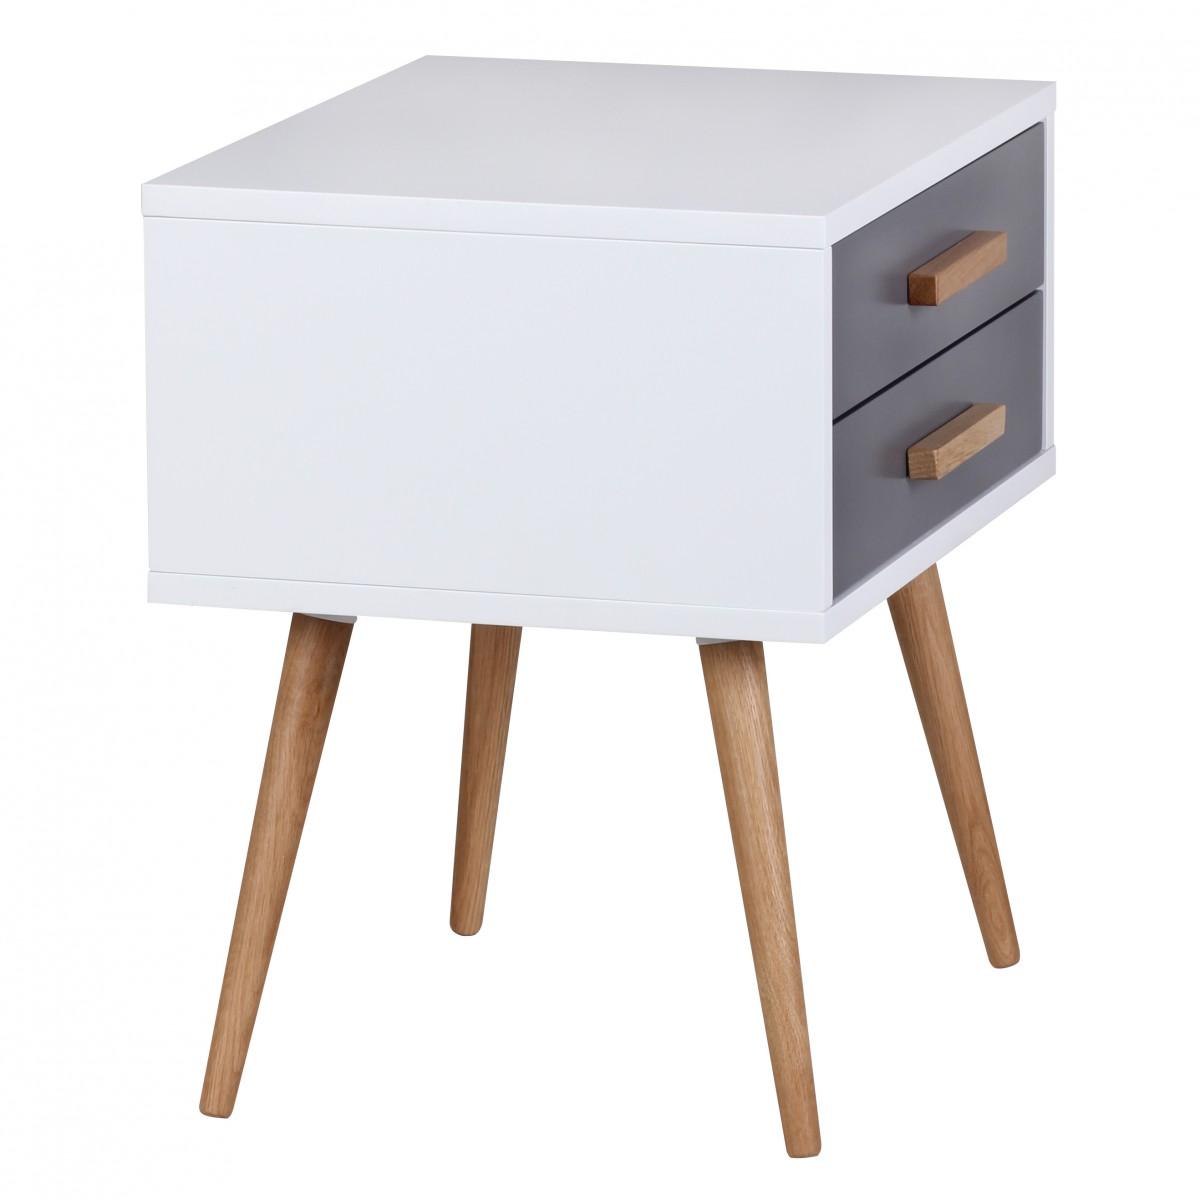 wohnling retro nachttisch wei grau scanio mit 2 schubladen f e eiche 39048. Black Bedroom Furniture Sets. Home Design Ideas